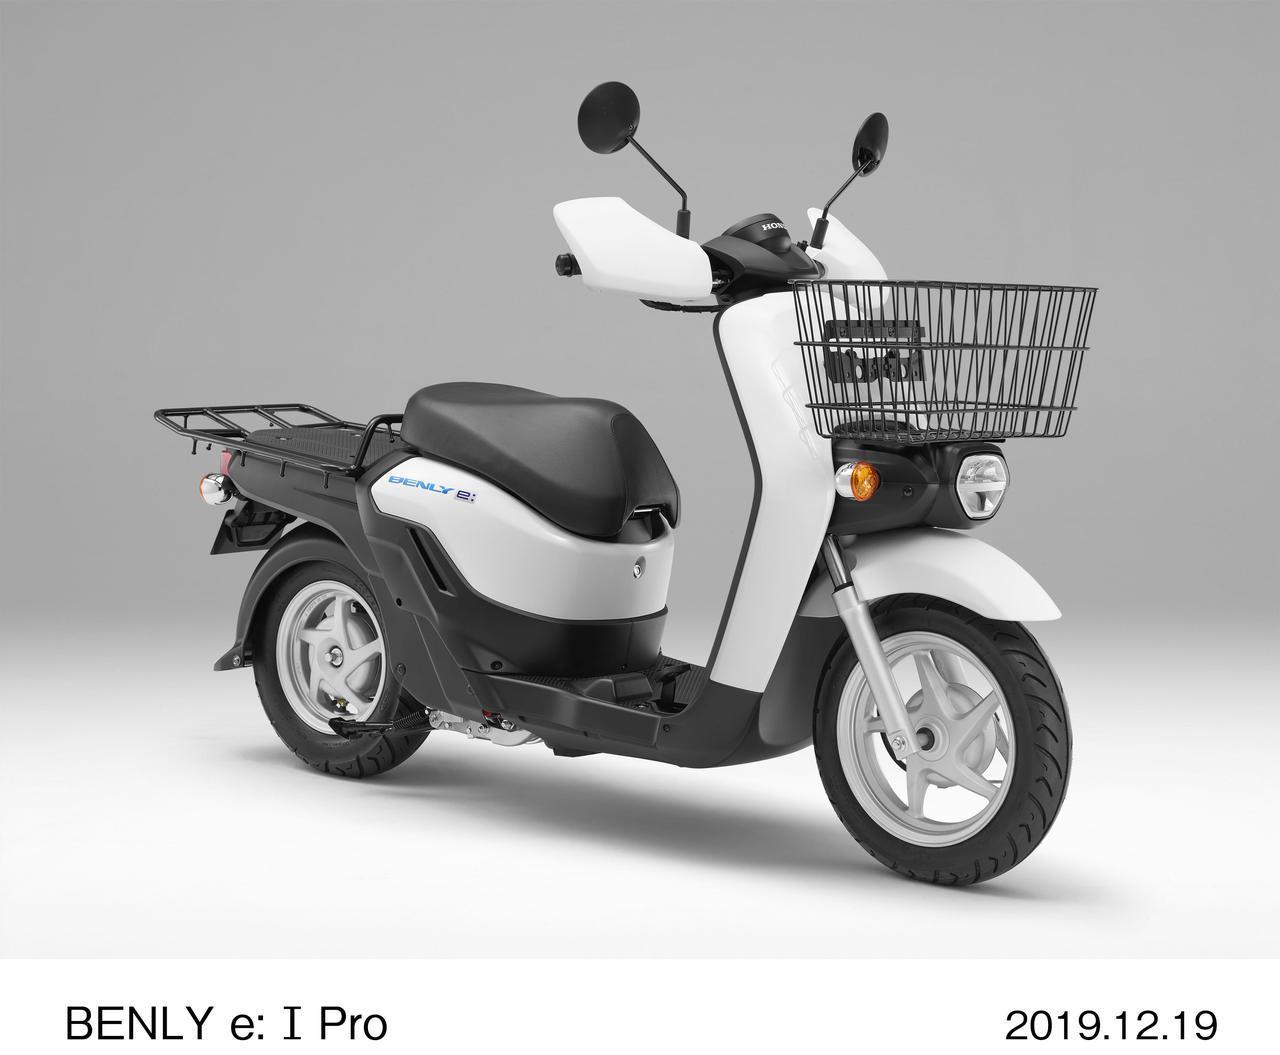 画像3: 【ホンダ】電動バイク「BENLY e:」シリーズの価格が決定! 原付二種相当の「BENLY e: Ⅱ」や〈プロ〉仕様車も同時発表